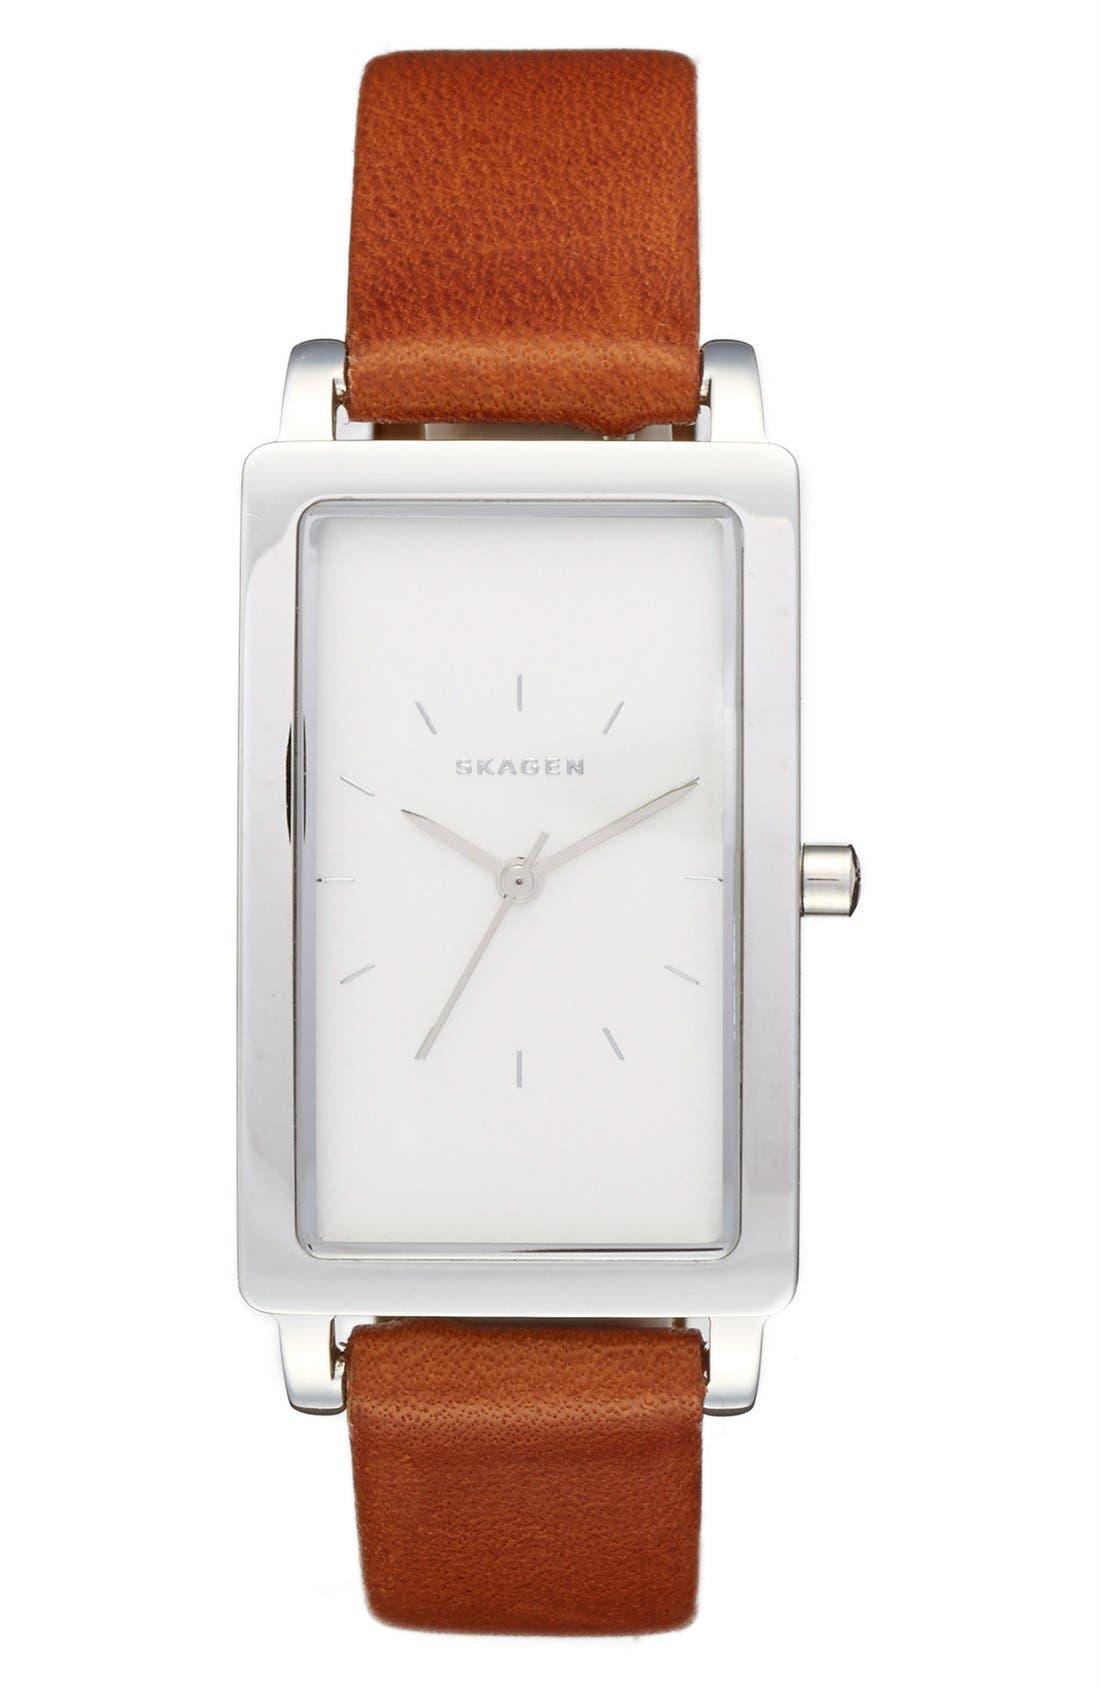 Alternate Image 1 Selected - Skagen 'Hagen' Leather Strap Watch, 22mm x 43mm